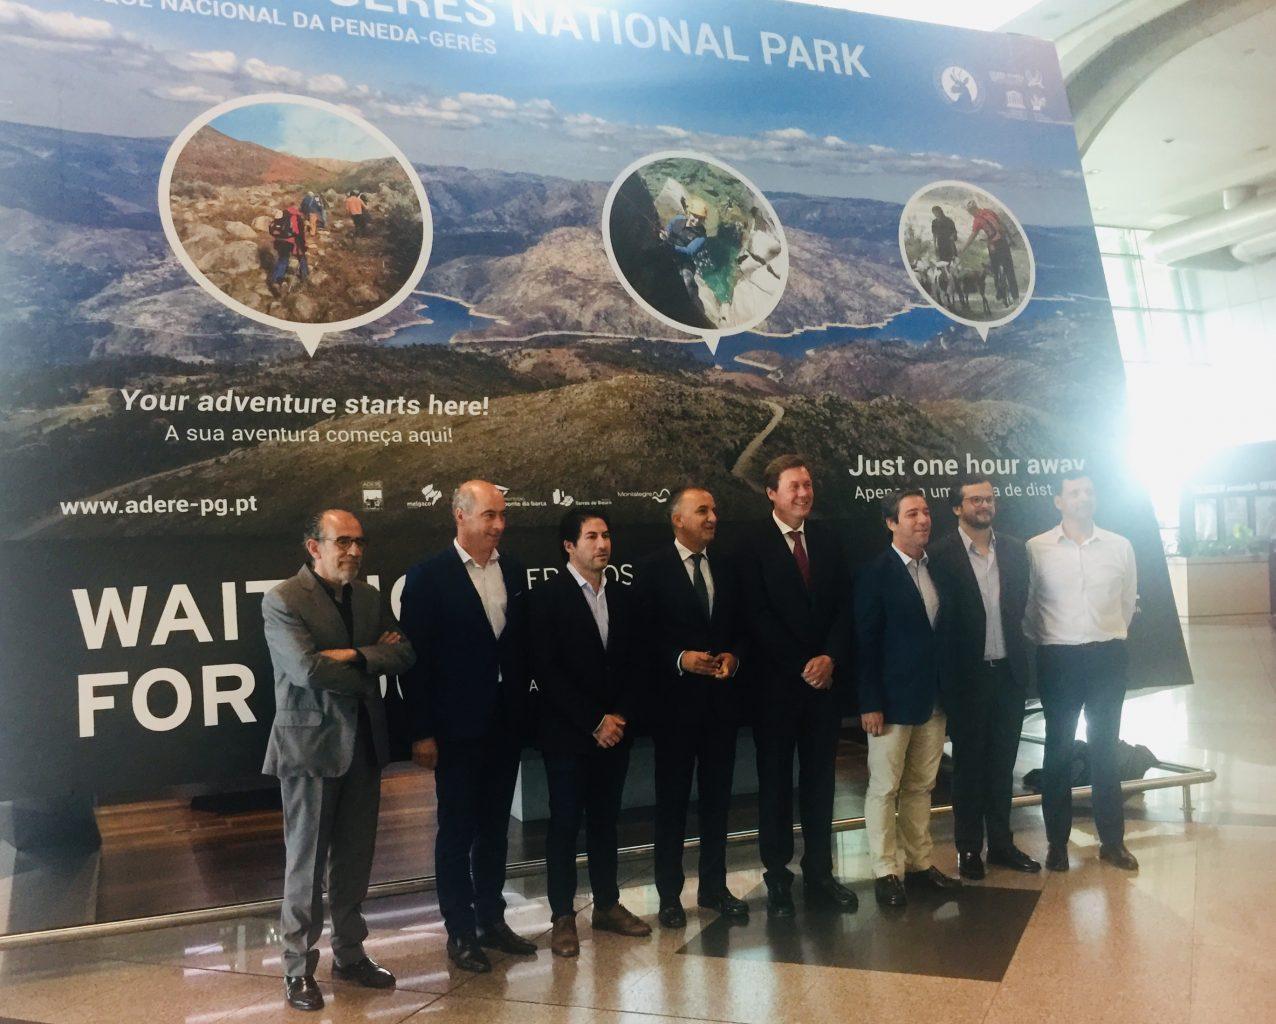 REGIÃO - Turismo do Porto e Norte lançou campanha de promoção do Parque Nacional da Peneda-Gerês